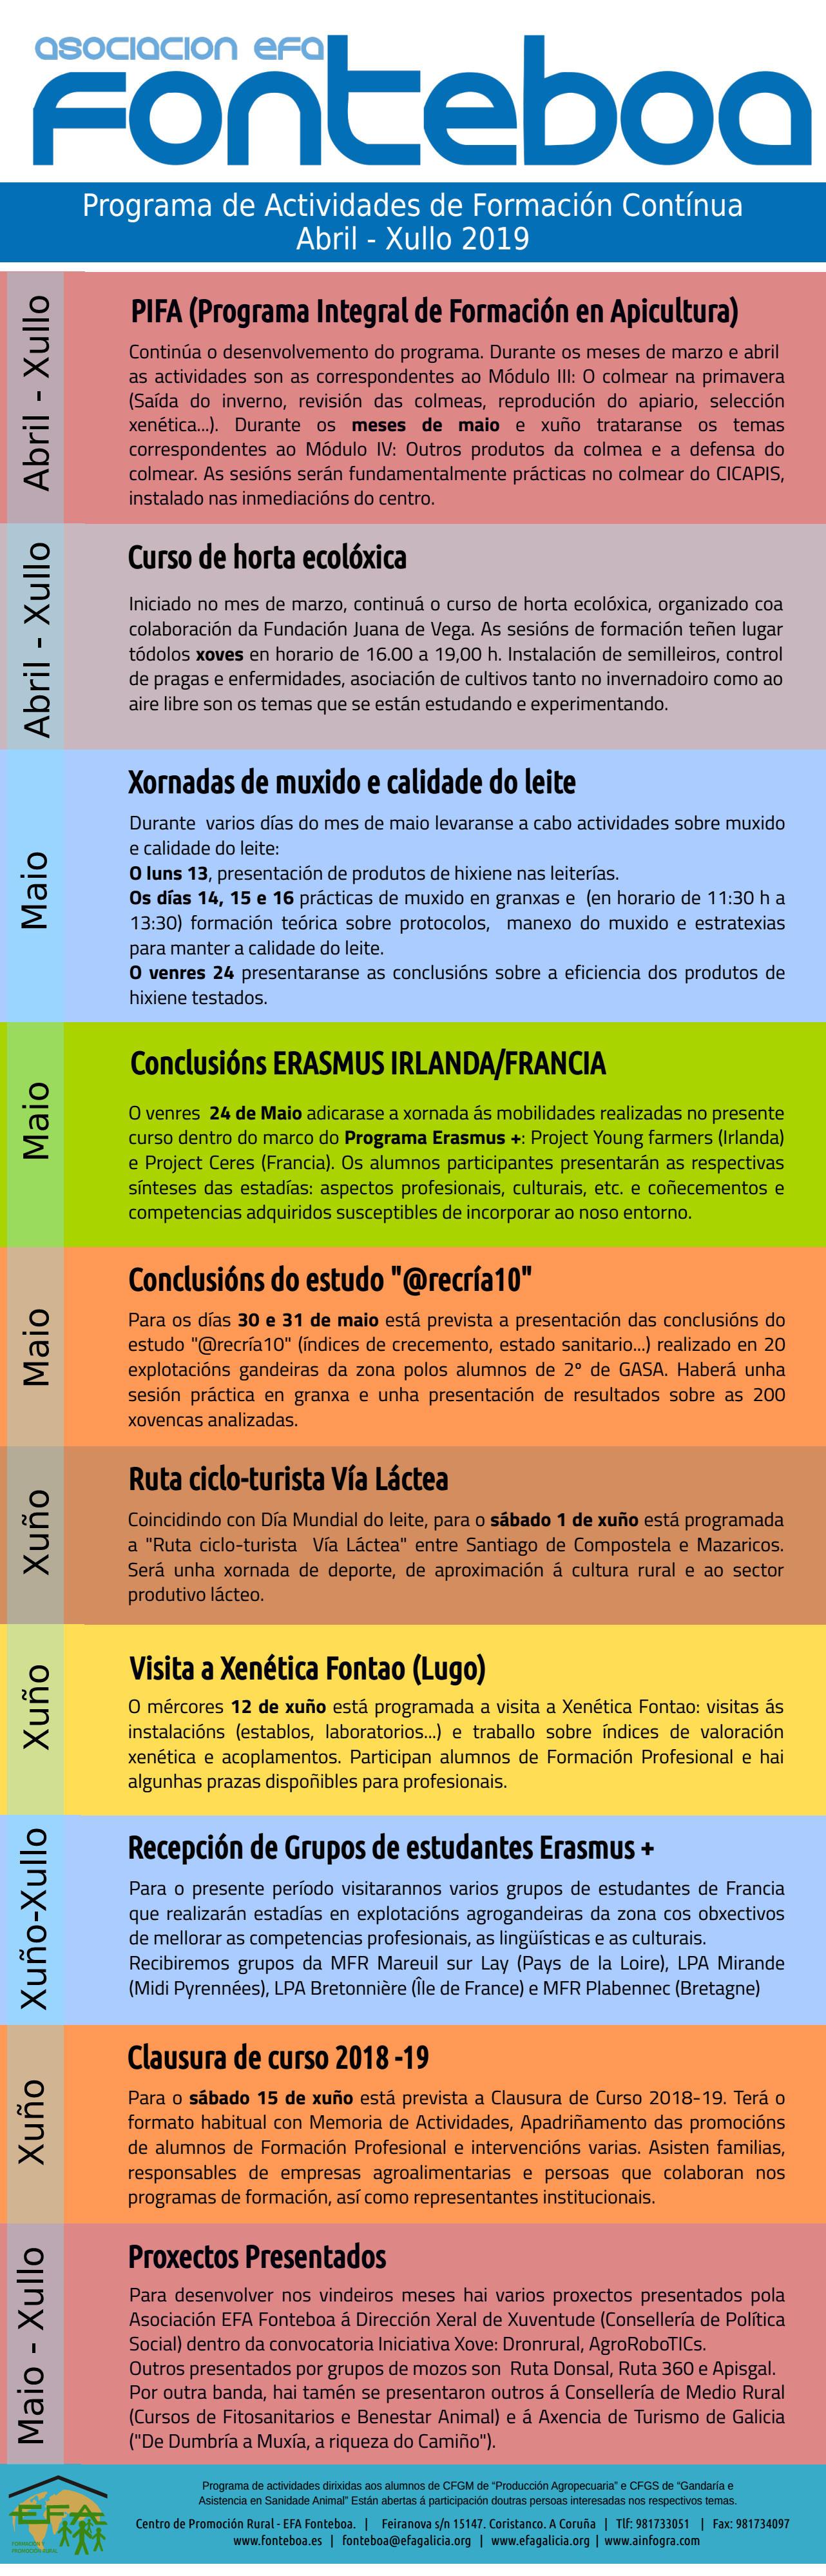 FONTEBOA PROGRAMA